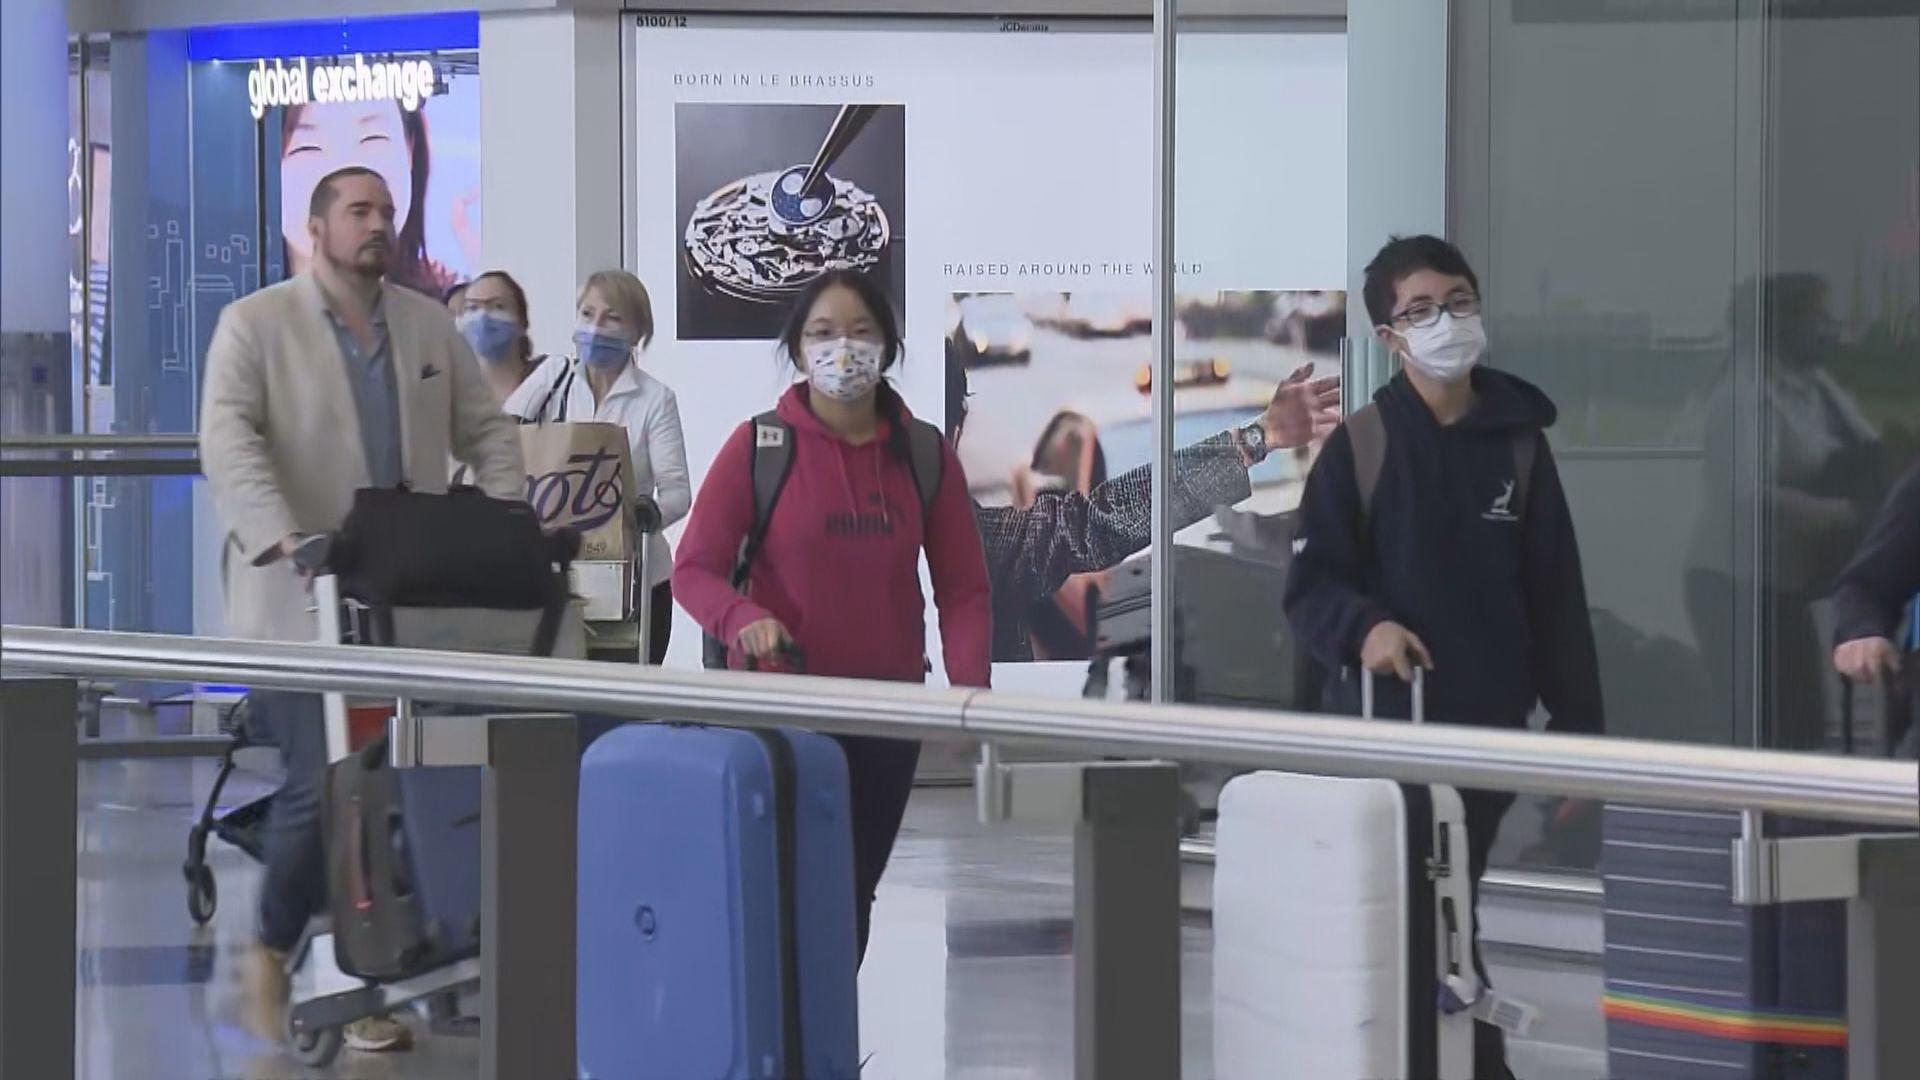 港府延長非香港居民入境限制至另行通告